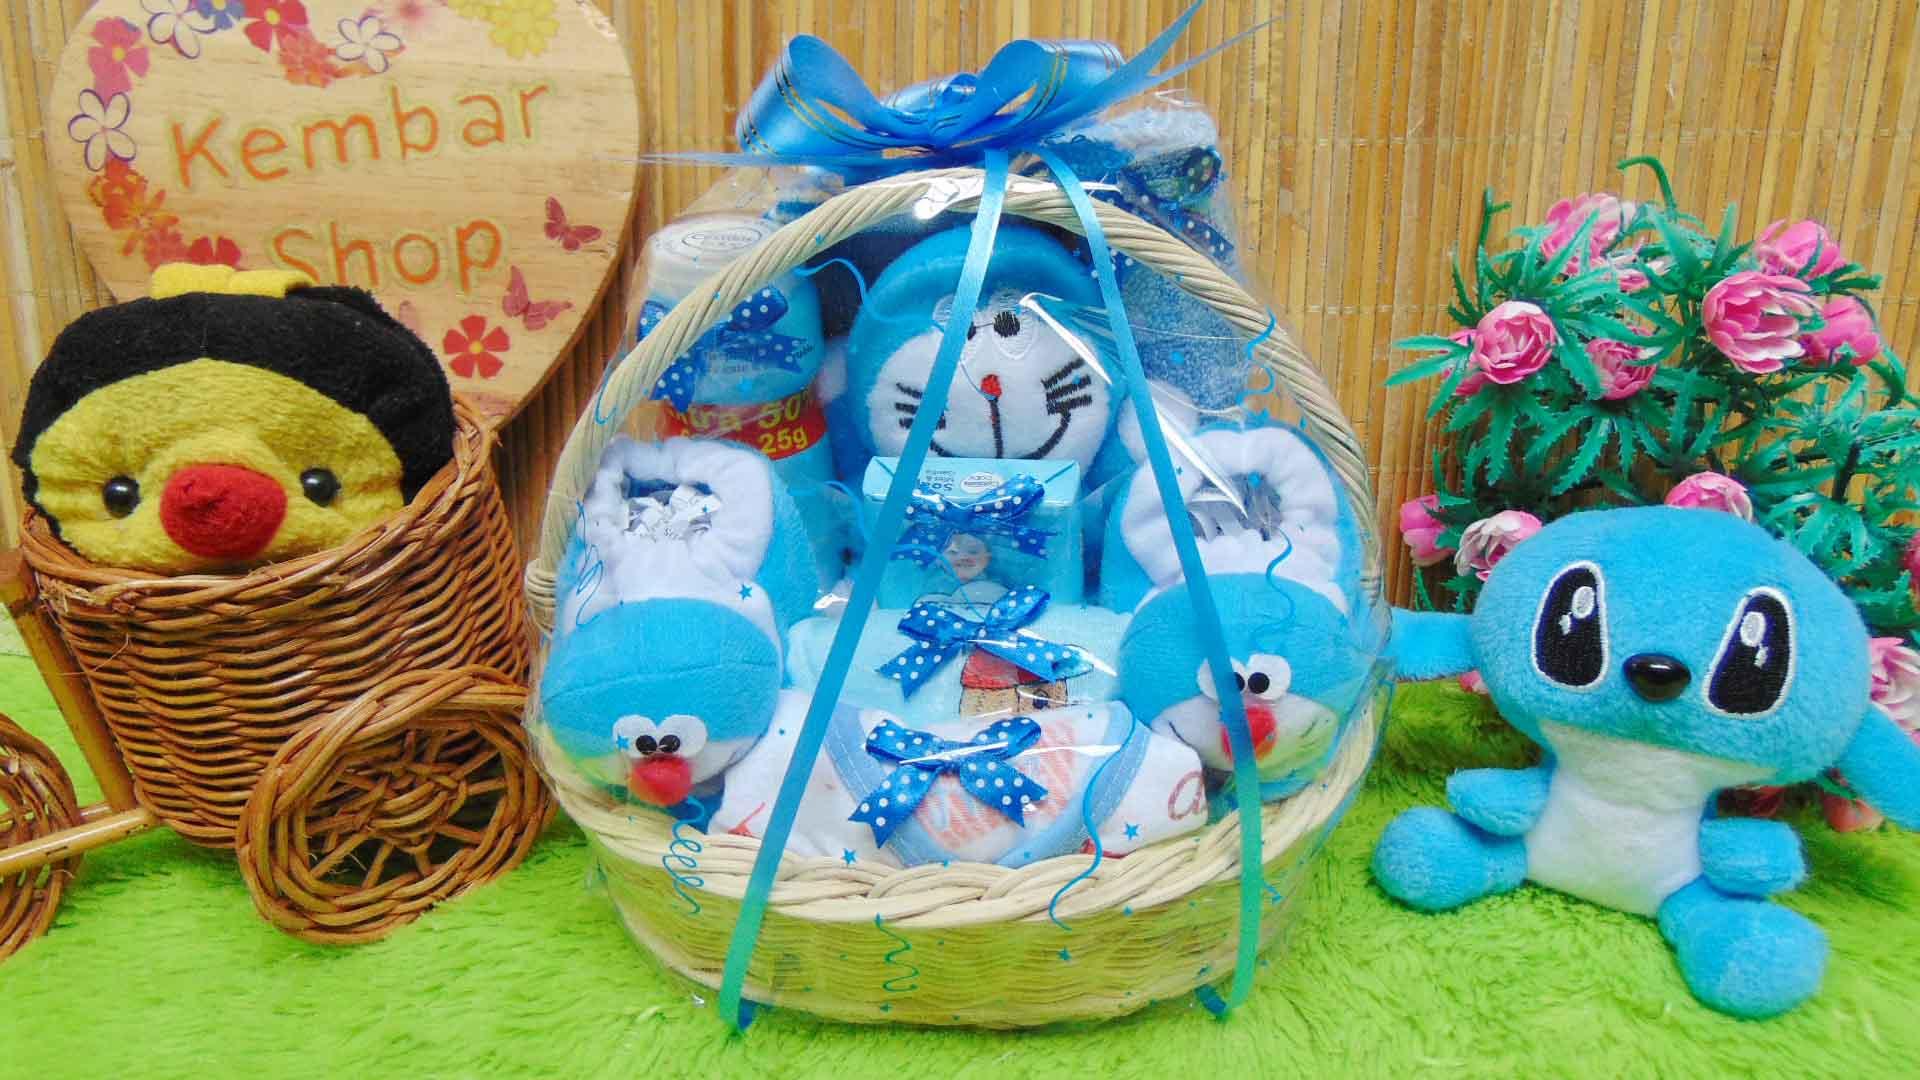 paket kado bayi baby gift kado melahirkan-parcel kado bayi parsel bayi keranjang spesial karakter Disney Komplit (2)